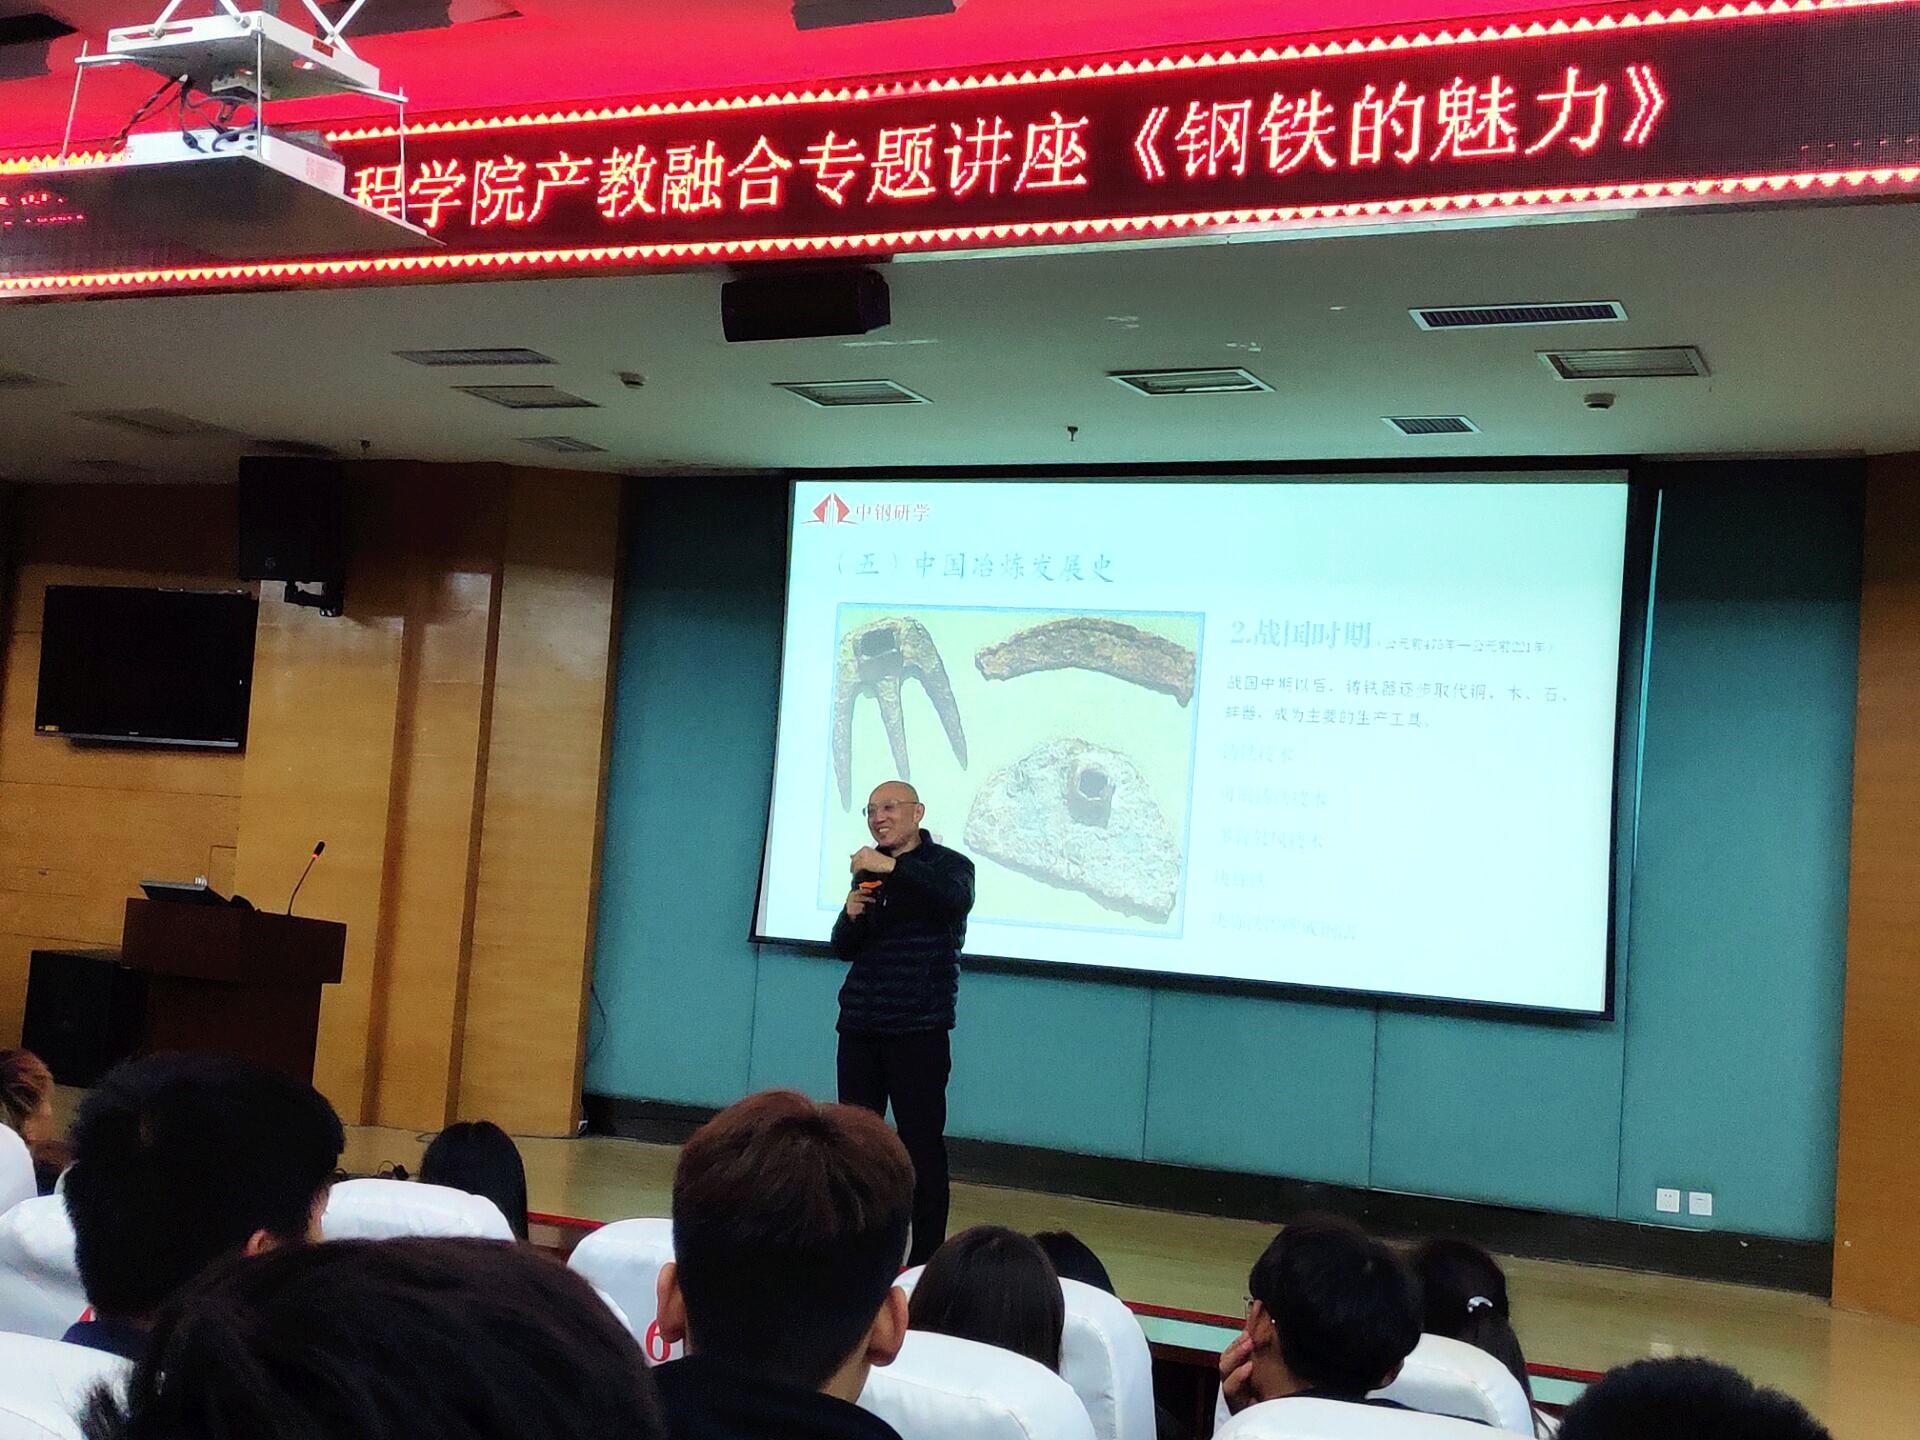 发现钢铁之美----机电工程学院举行产教融合专题讲座